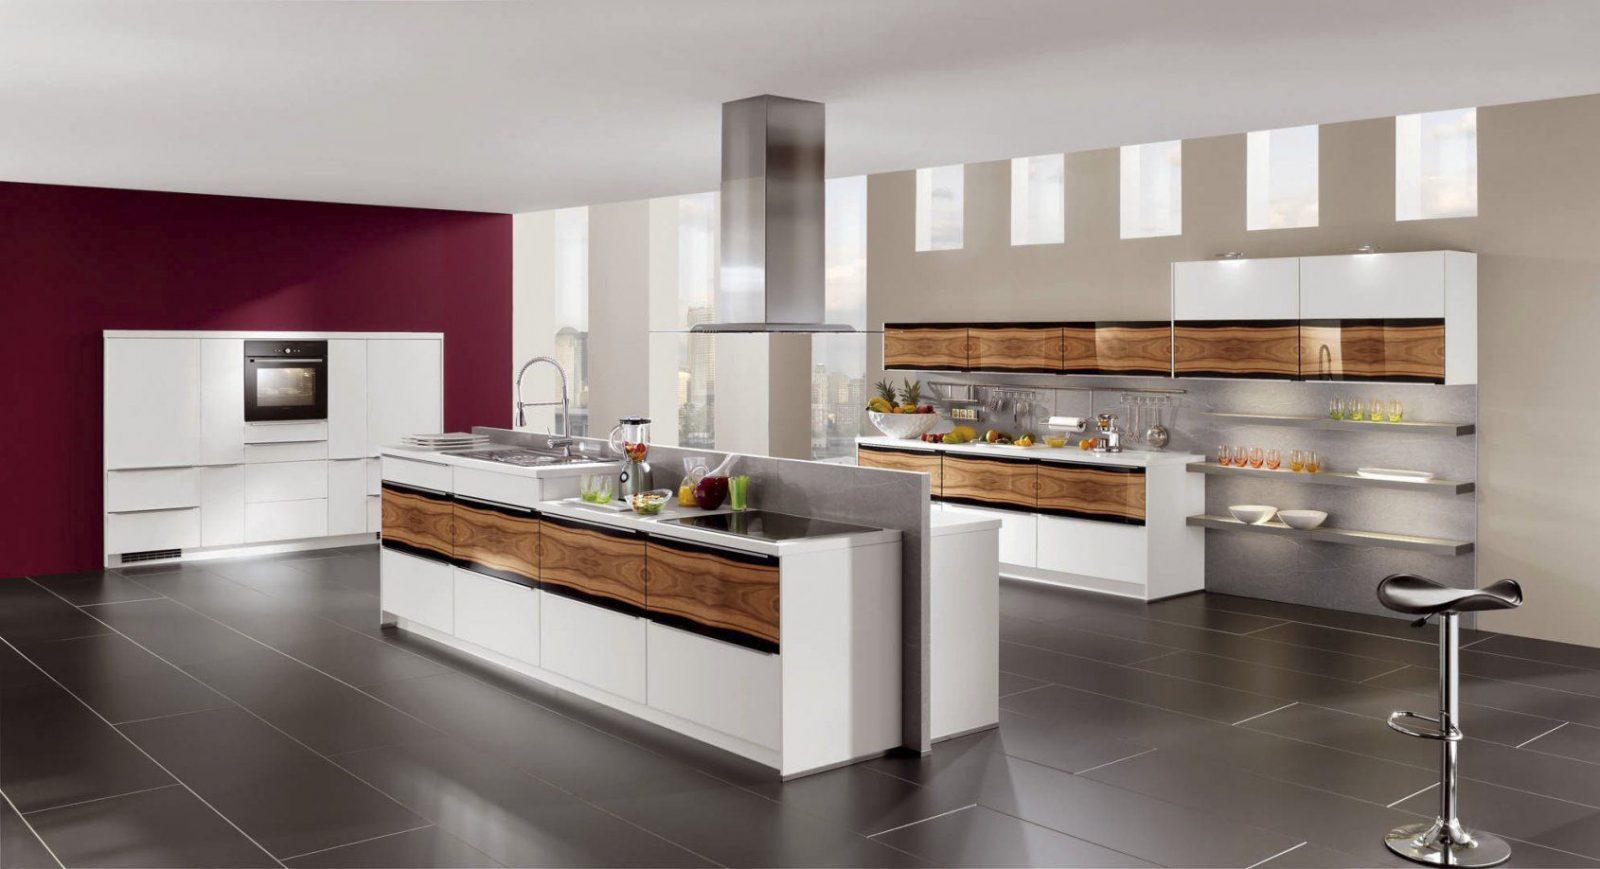 Moderne Küchen Mit Kochinsel Unglaublich On Modern Auf Küche Holz von Küche Mit Kochinsel Gebraucht Photo